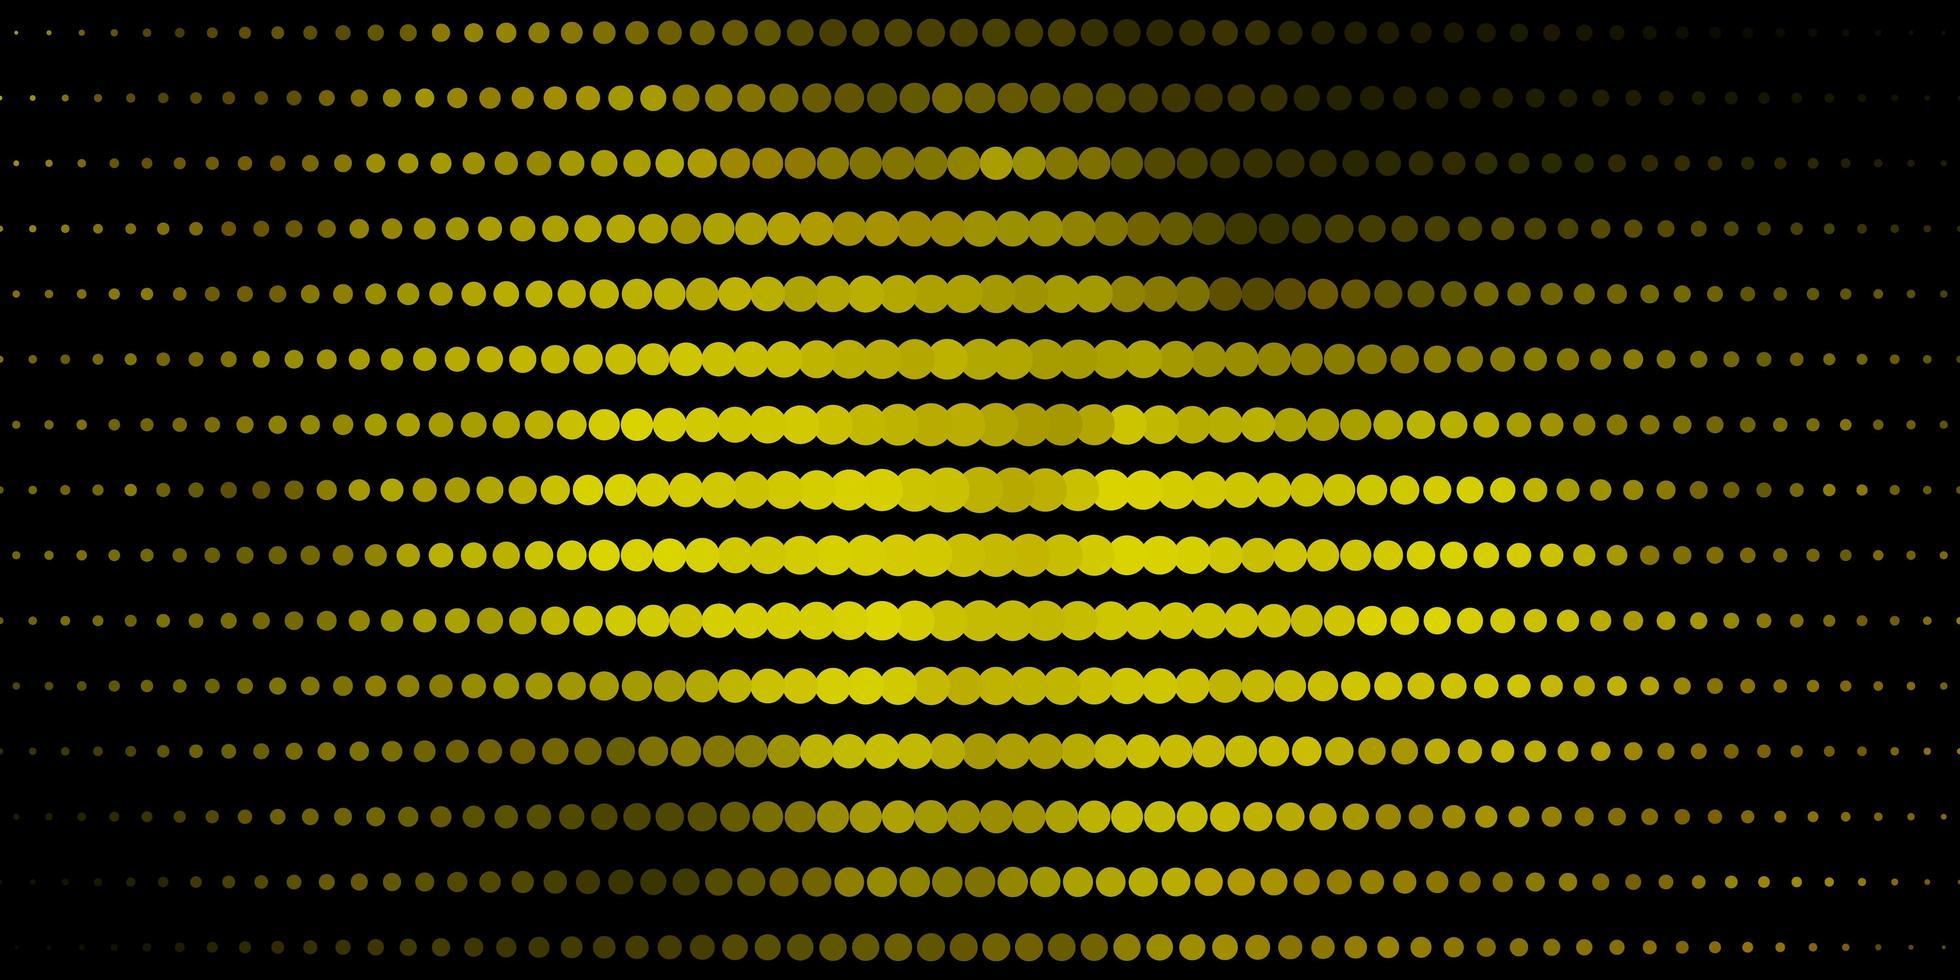 fundo verde e amarelo escuro com círculos. vetor